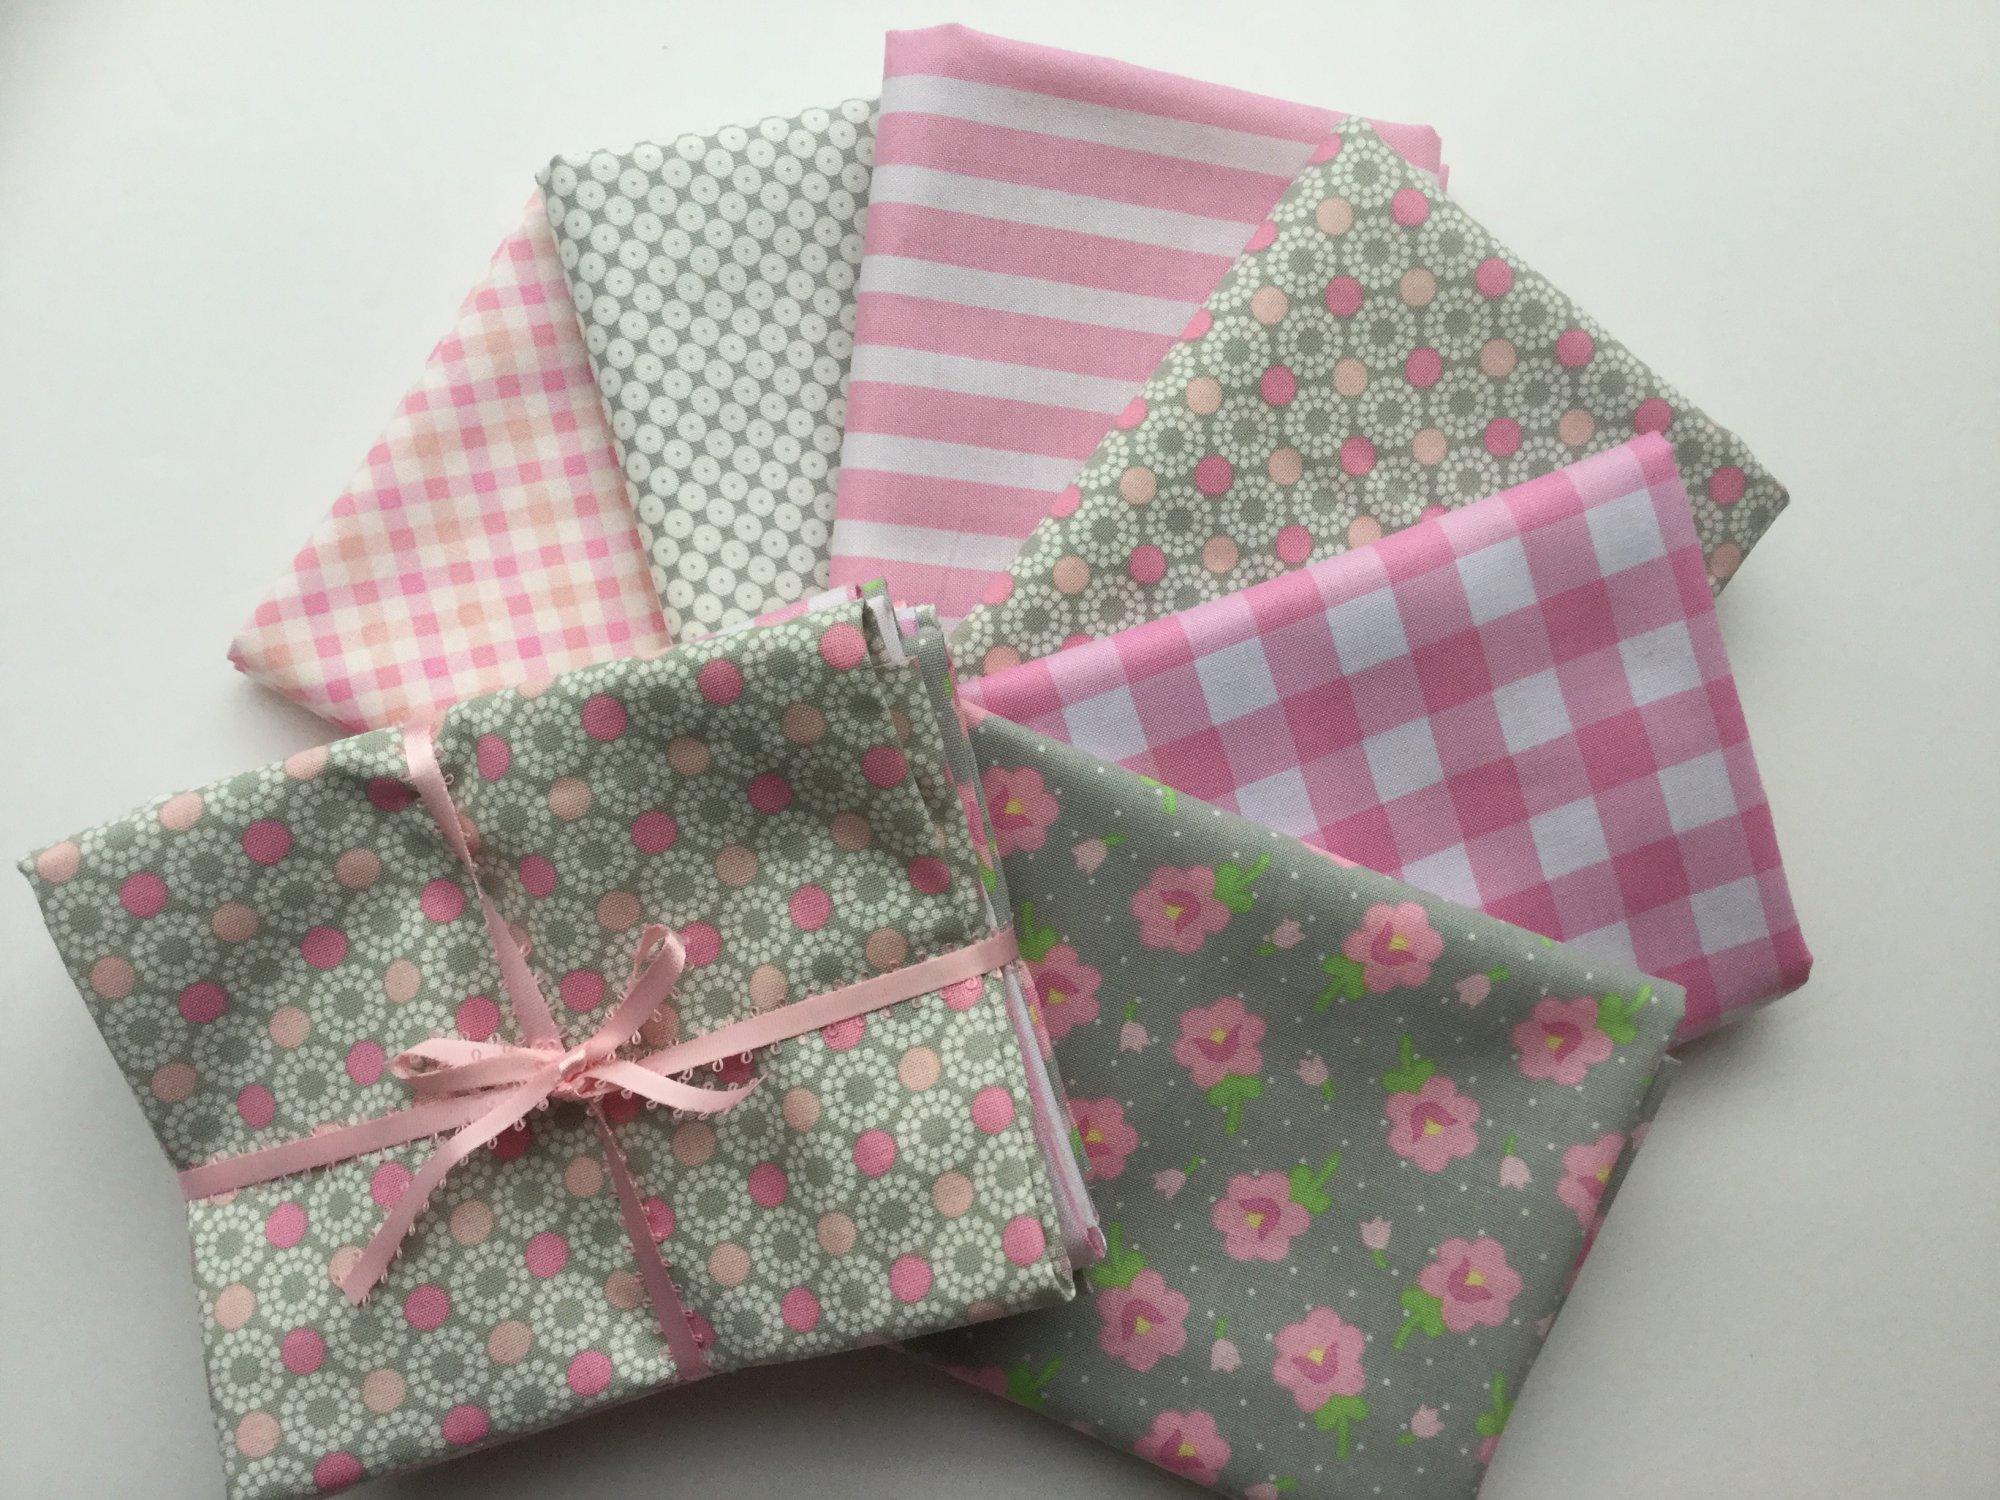 Fat Quarter Bundle - Pink & Grey - 6 fat quarters